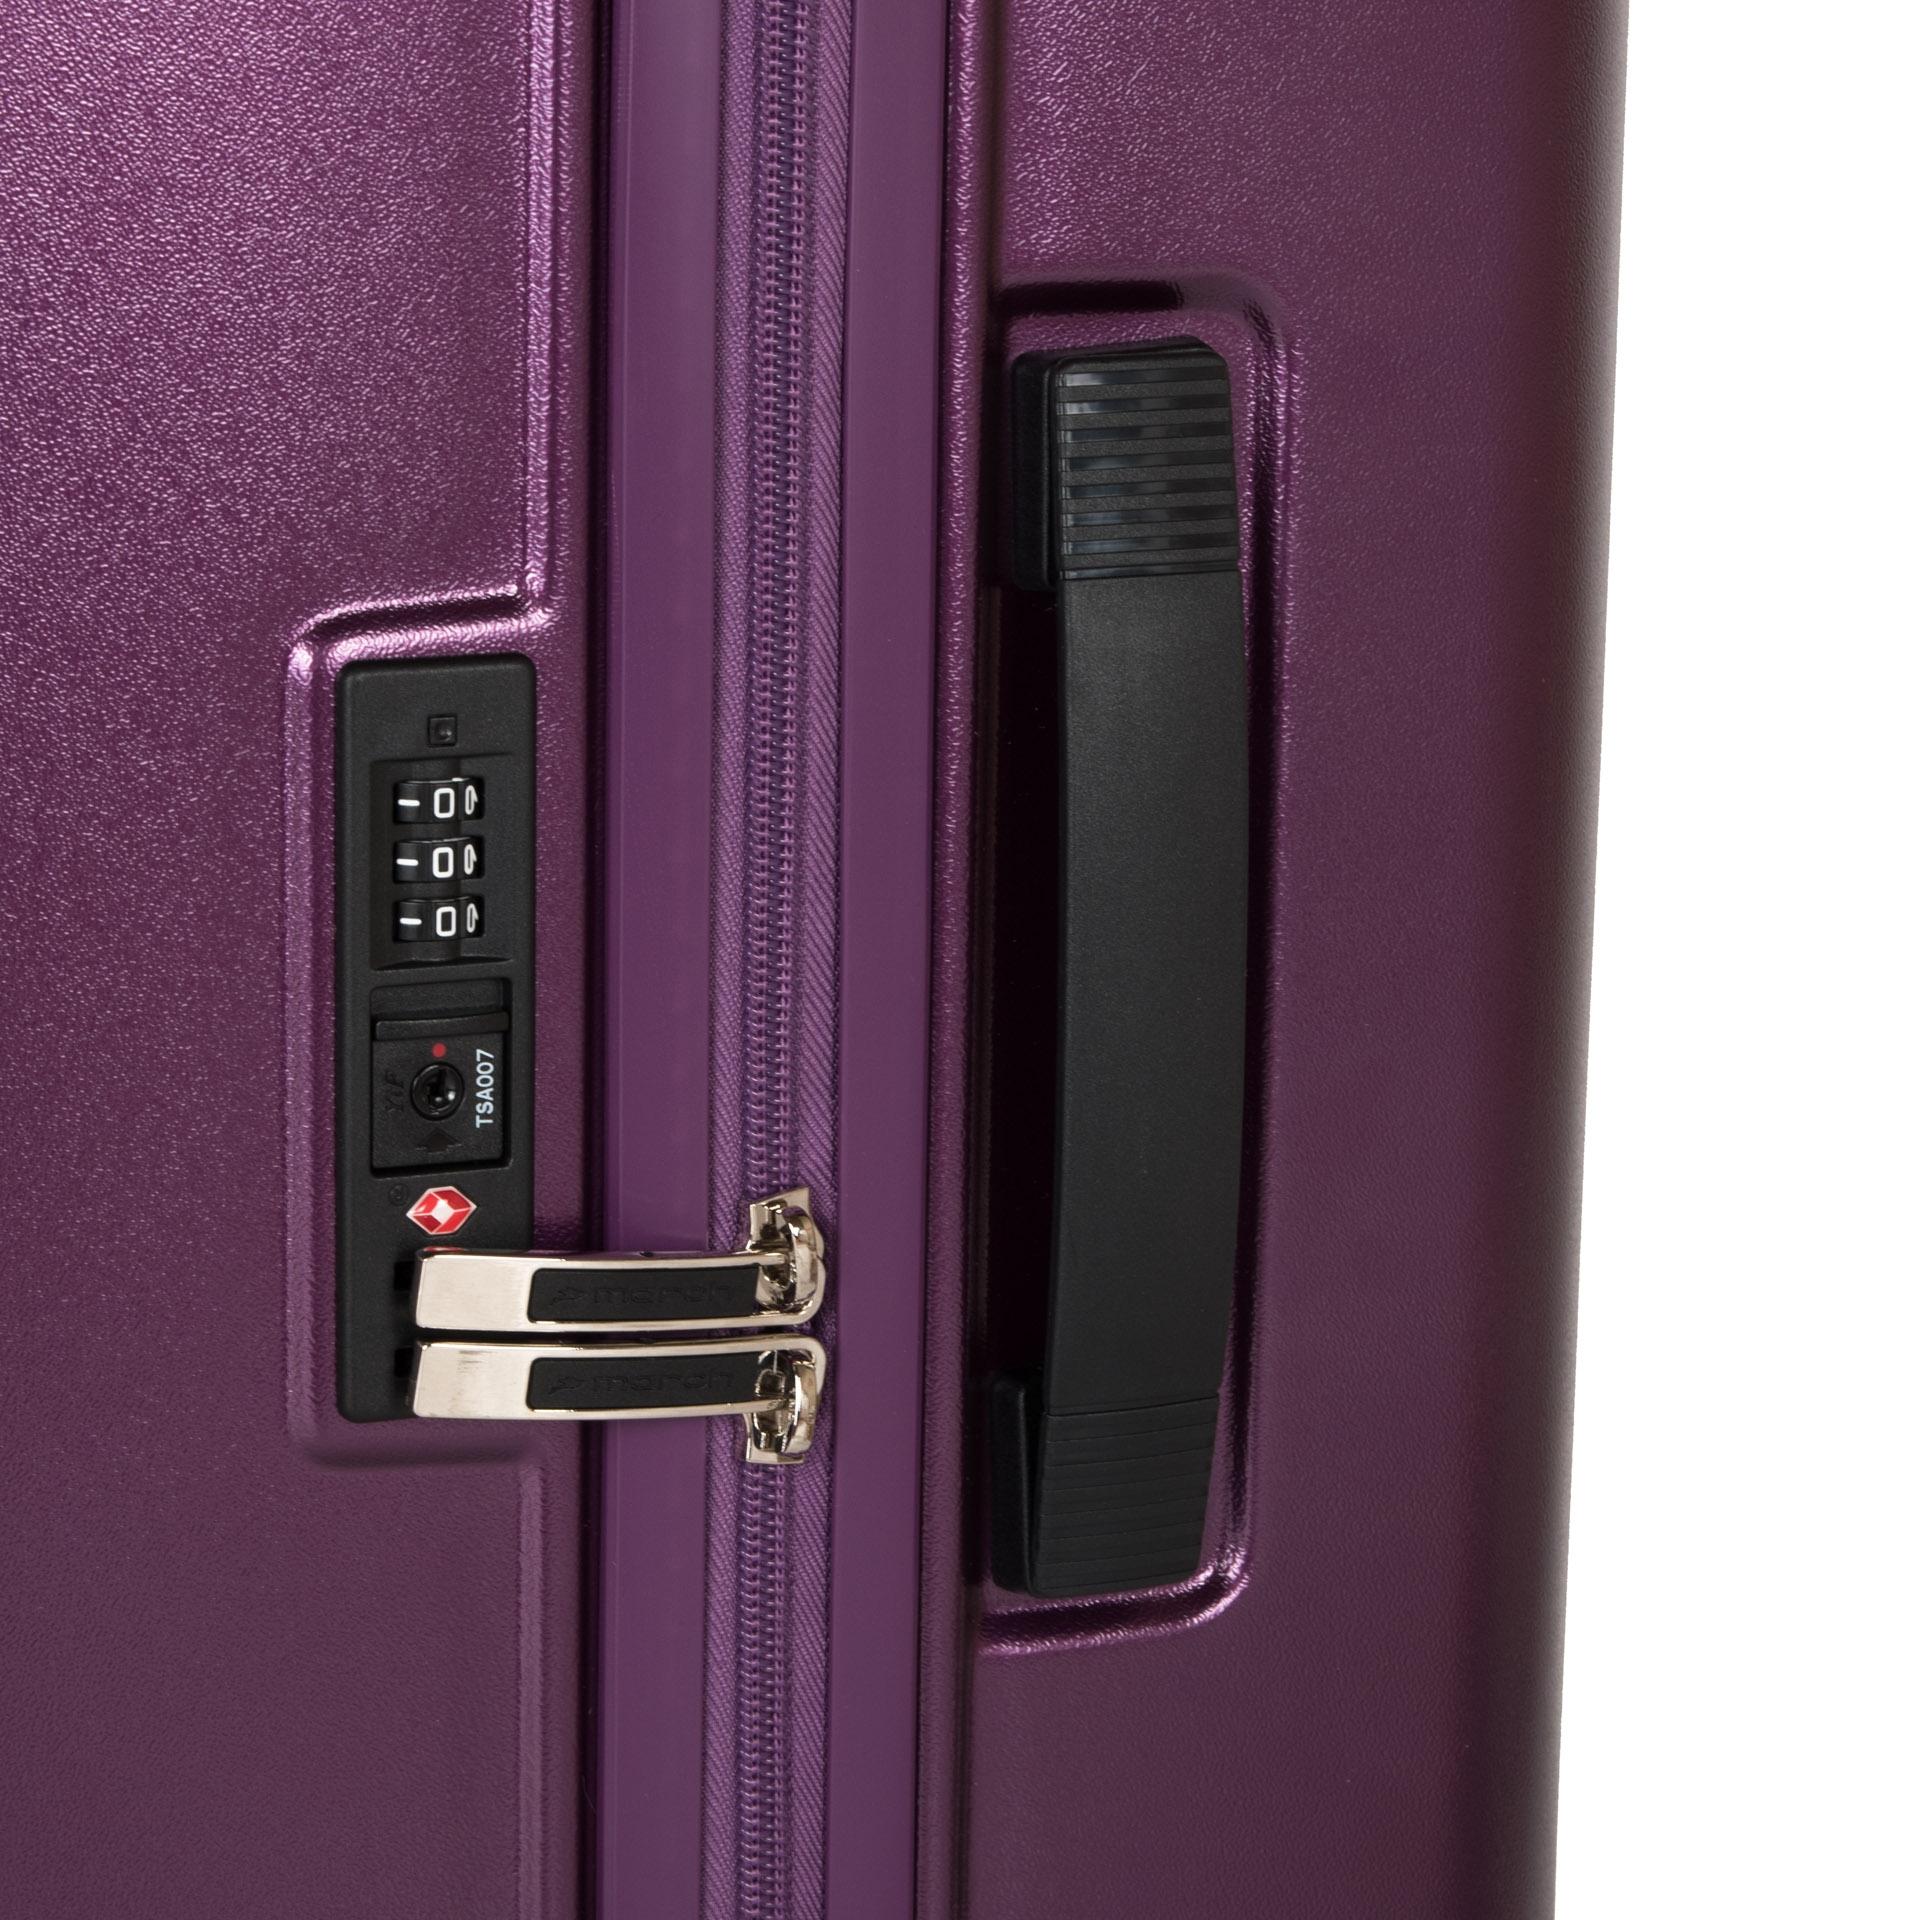 March Beau Monde L Purple metallic.  - štyri tiché odľahčené dvojkolieska rotujúce o 360° - výsuvná hliníková rukoväť s aretáciou - zabudovaný TSA kombinačný zámok - luxusný interiér s dvojstranným baliacim priestorom - matný povrch eliminujúci prípadný oder a poškriabanie - päťročná záruka